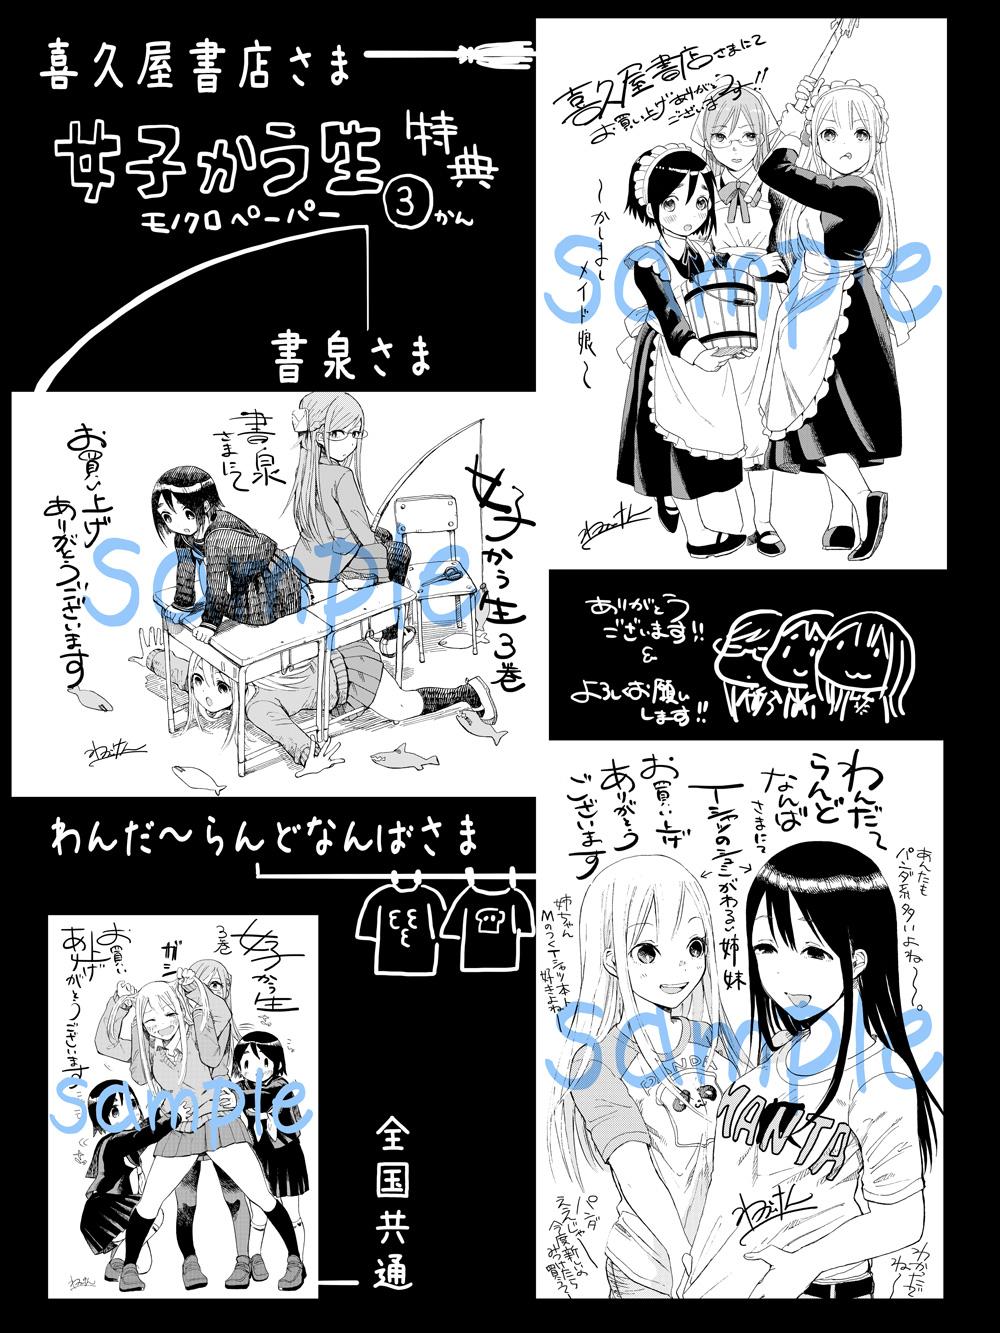 tokutenmatome03-b.jpg